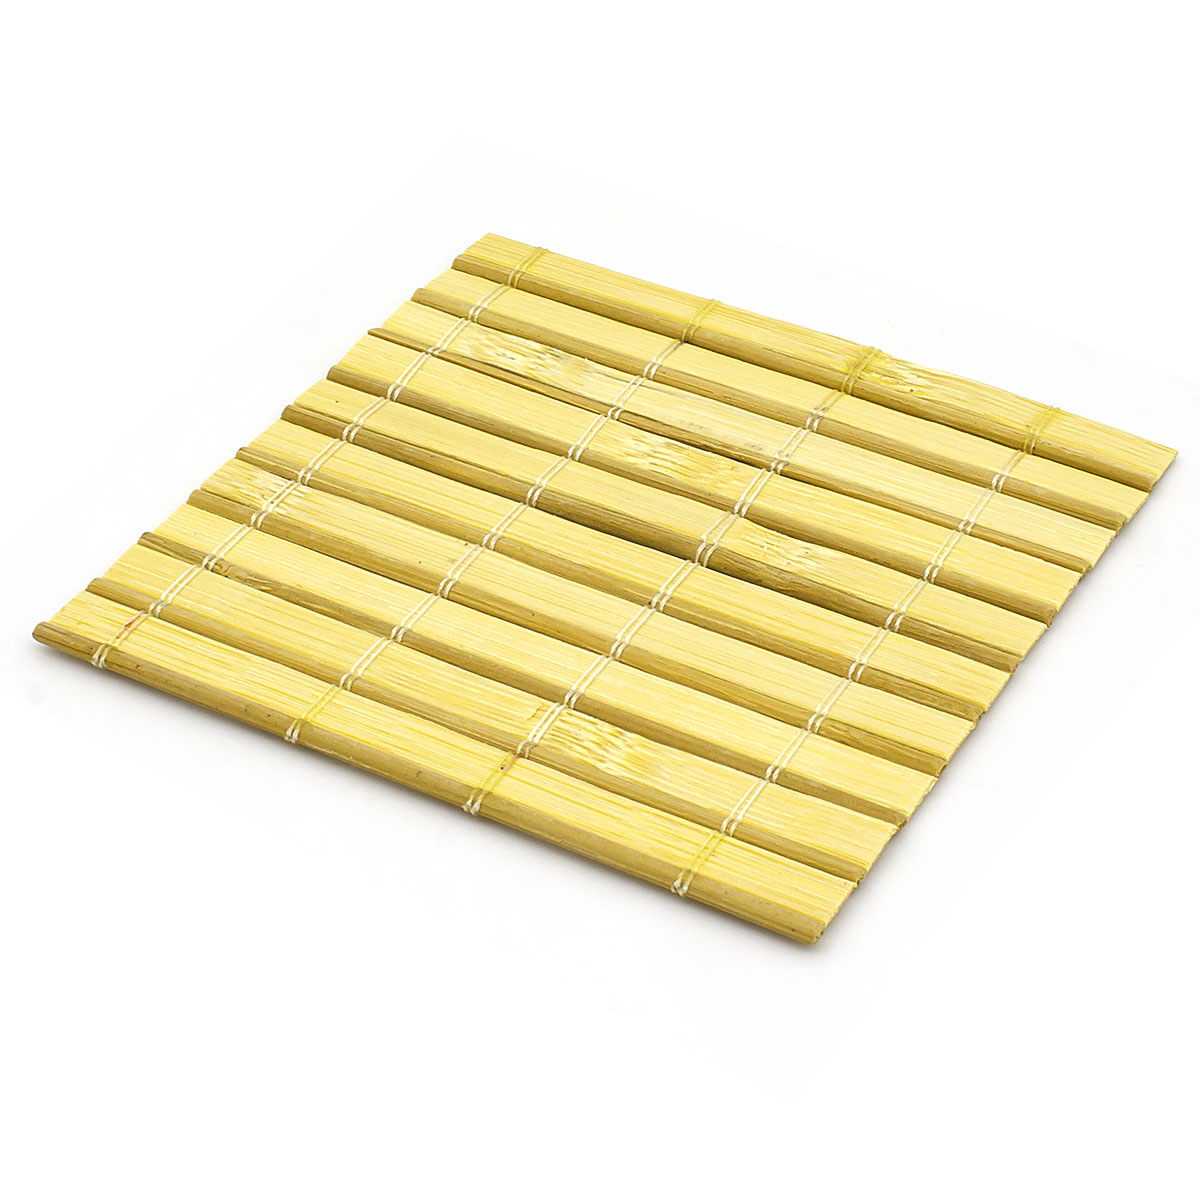 Набор чайных циновок (бамбук), натуральный цвет №2, 10 х см, 5 шт/упак